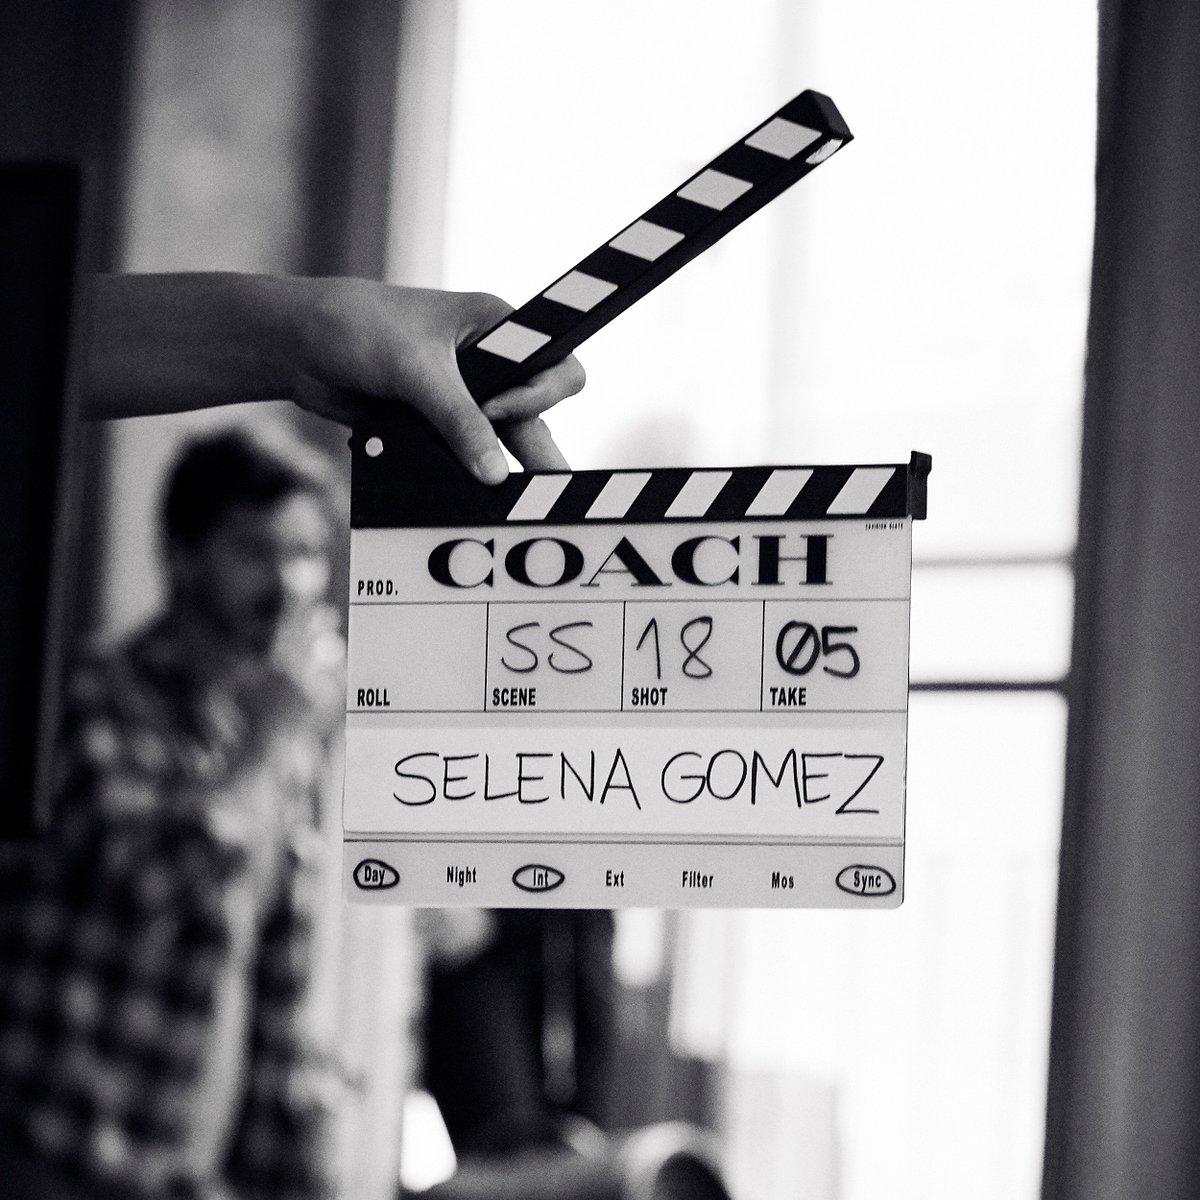 🎬 #CoachxSelena...coming soon.  #CoachSS18 #SelenaGomez #CoachNY